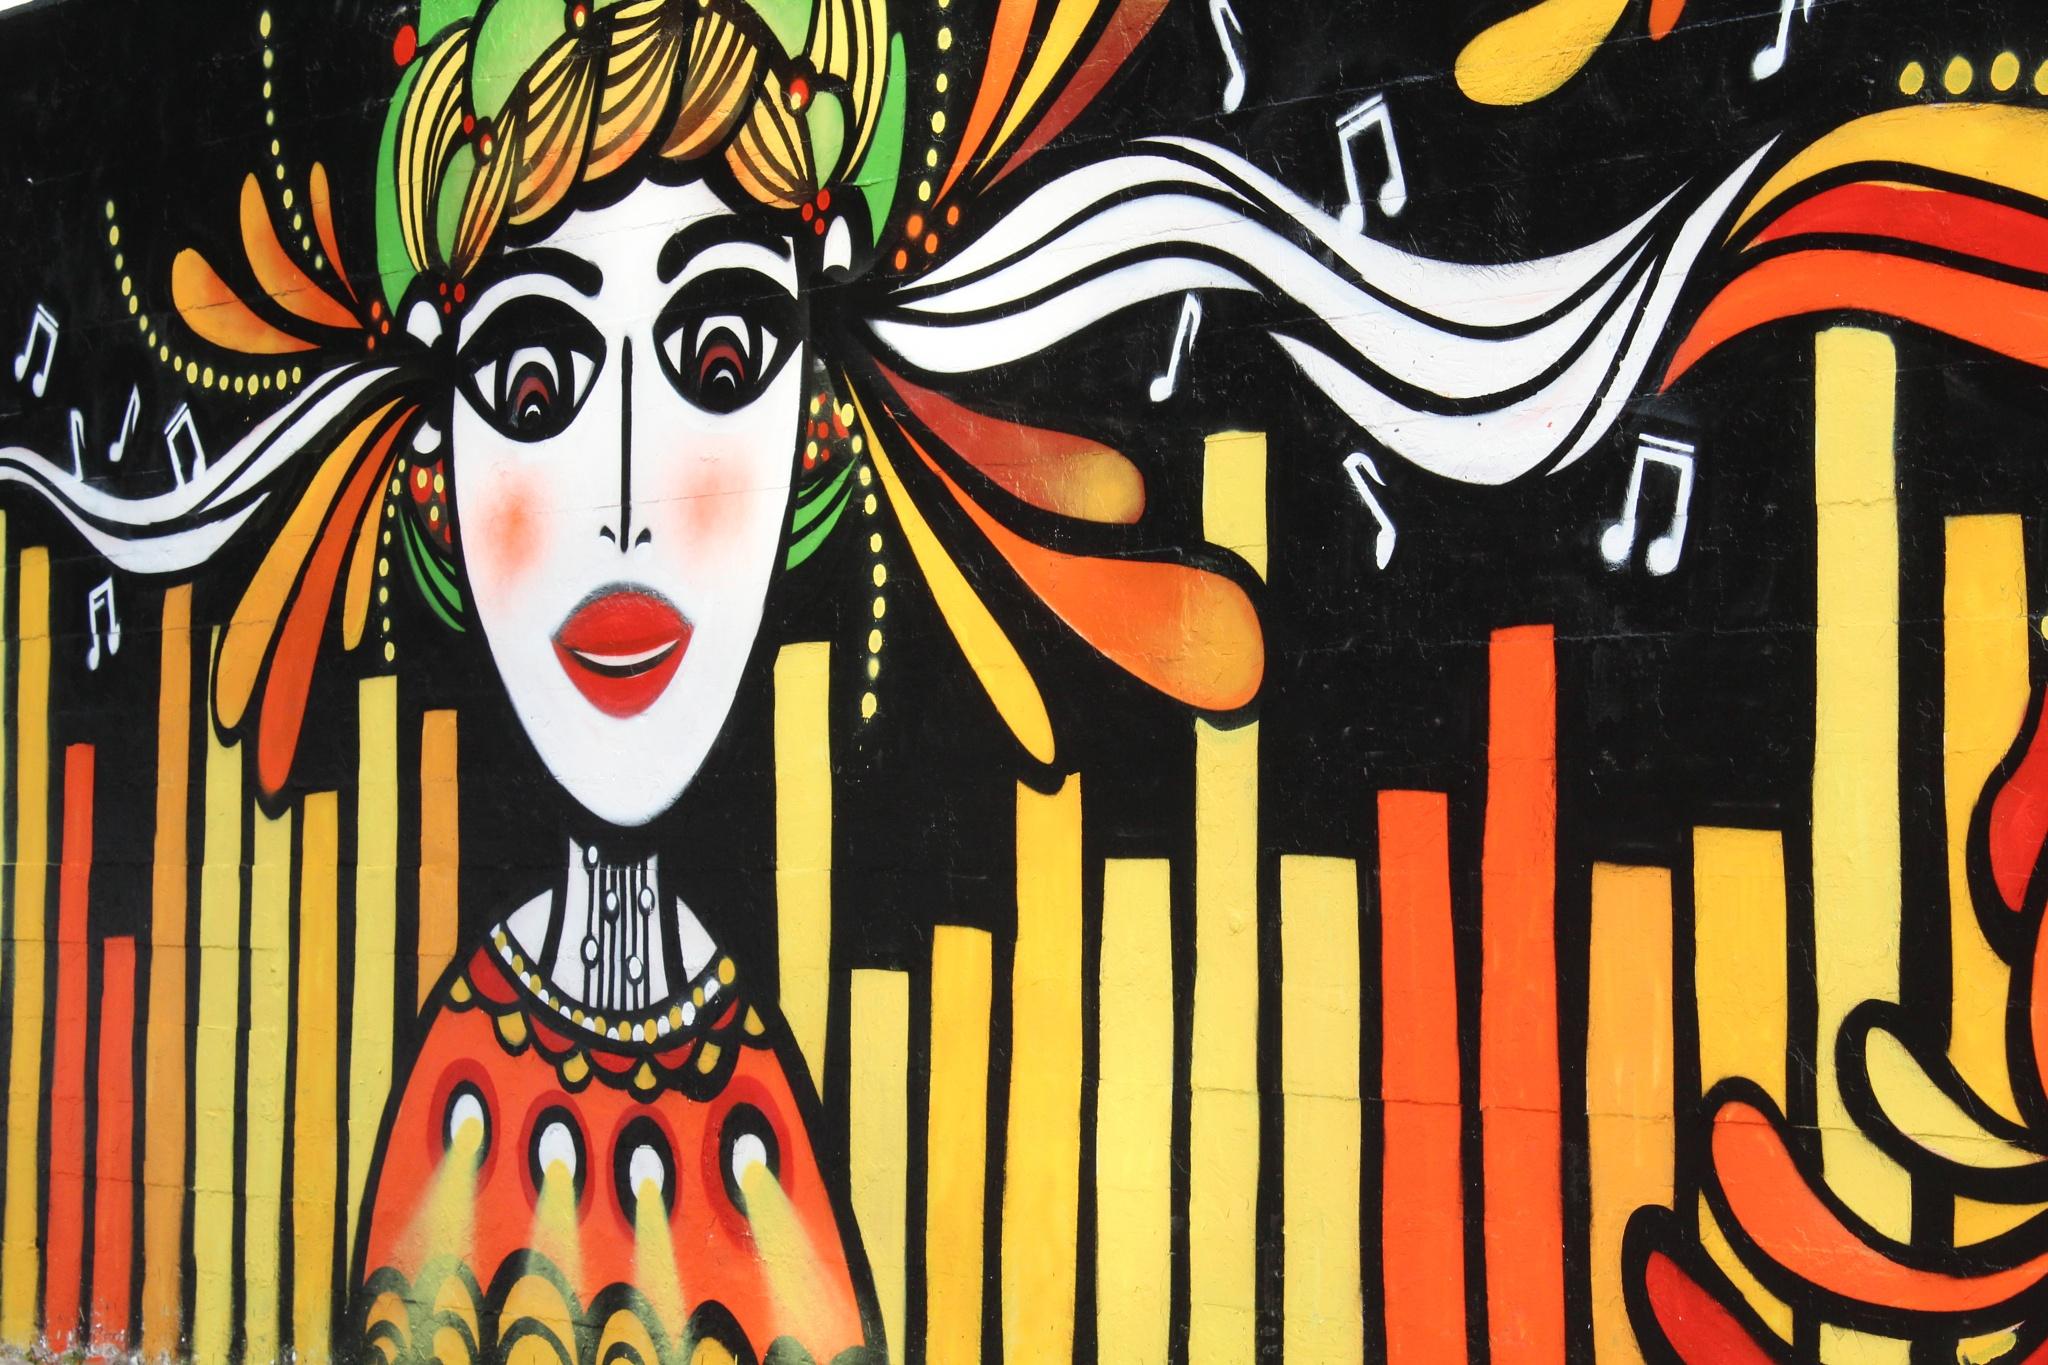 murales by sferrario1968